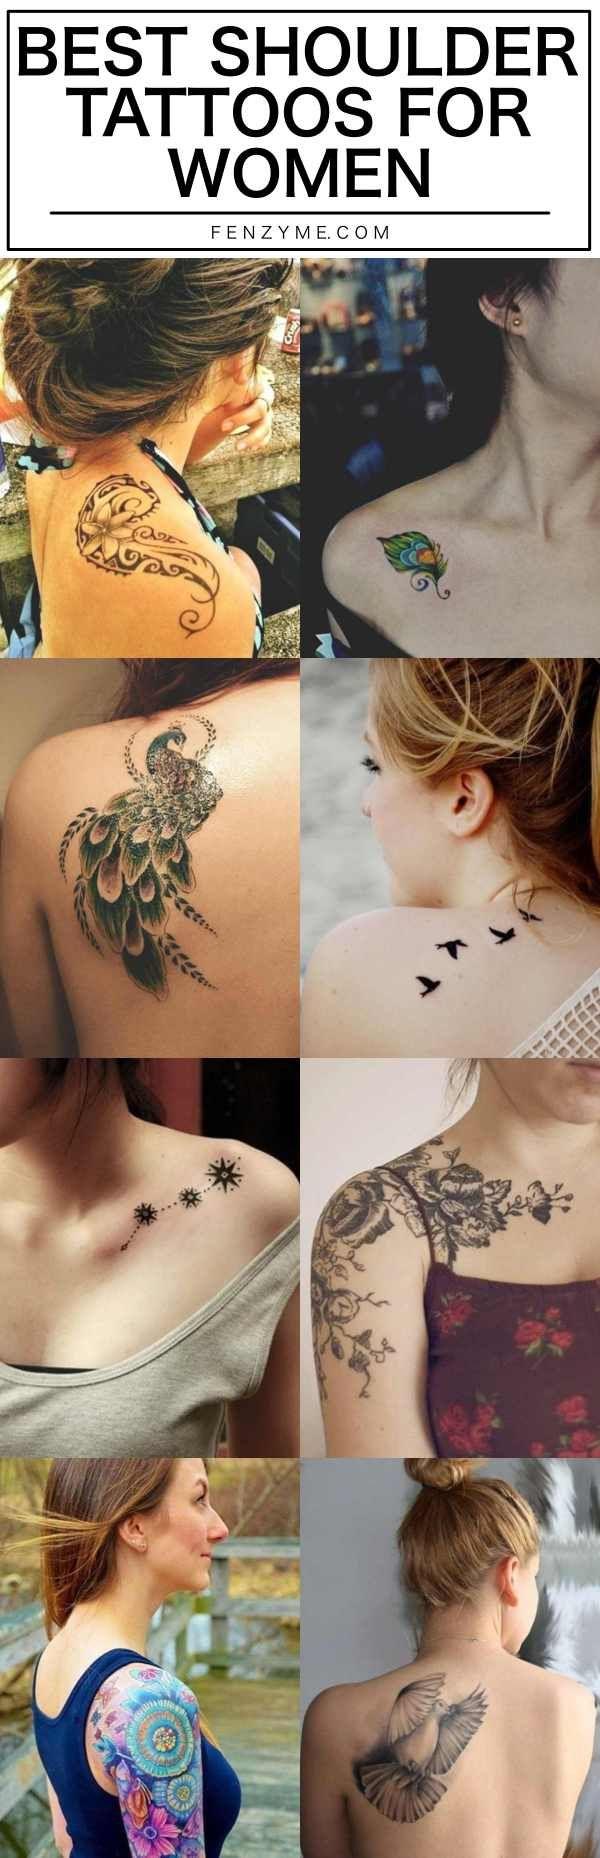 best shoulder tattoos for women in shoulder tattoos